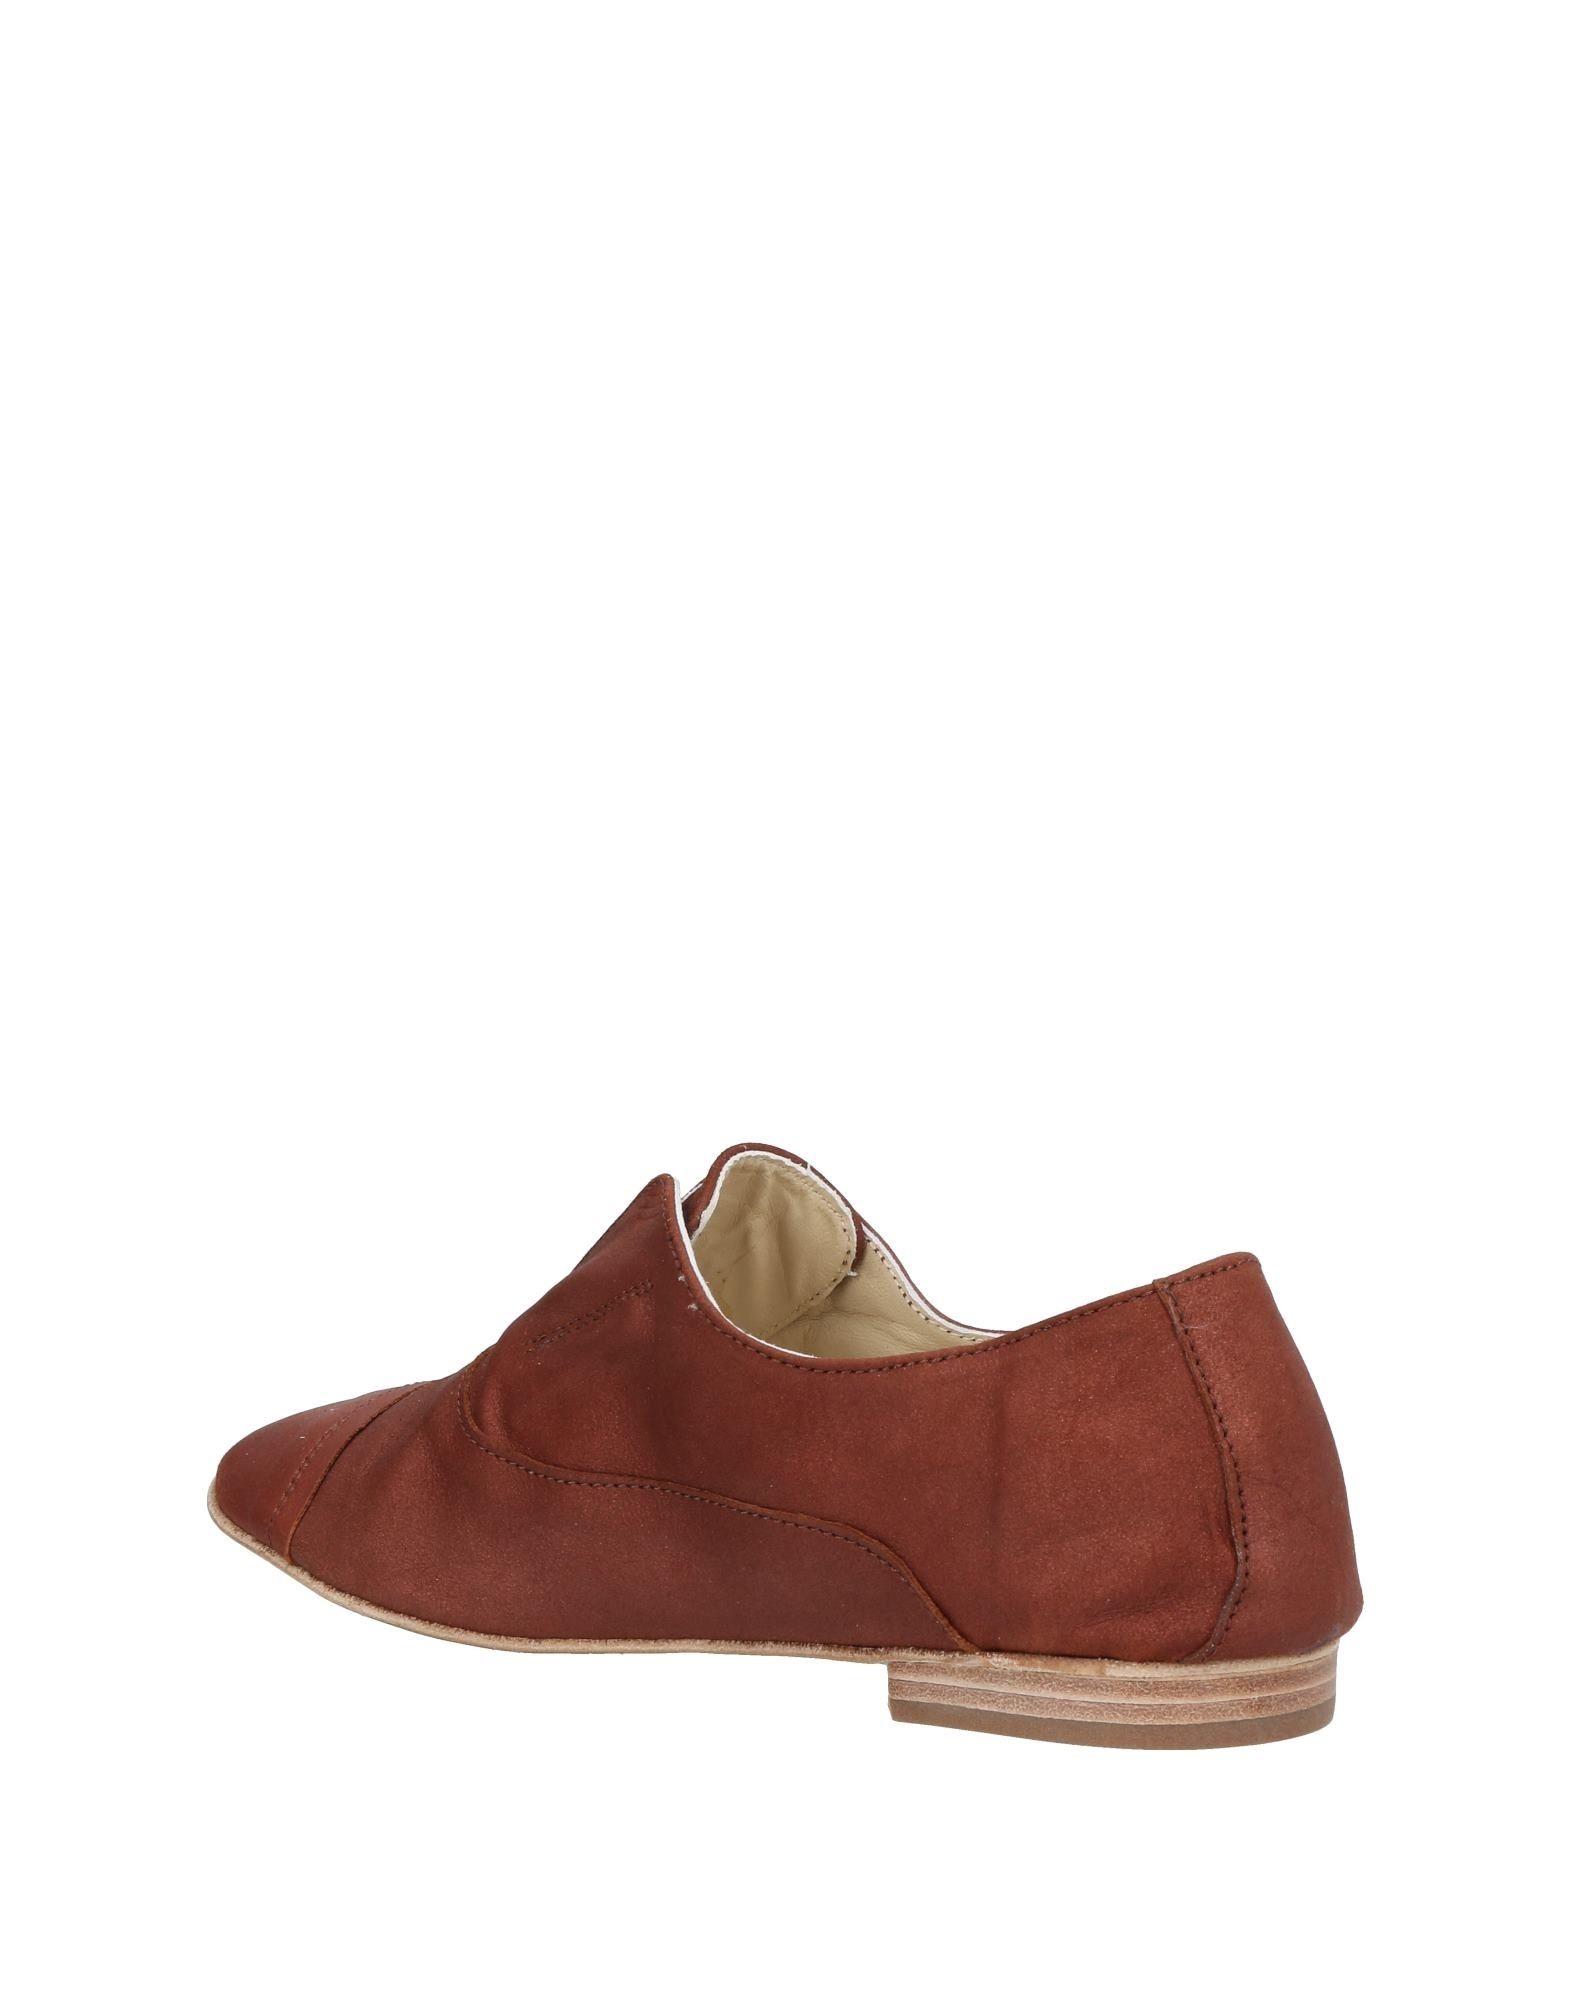 Kudetà Mokassins Damen  11434144EQ Gute Qualität beliebte Schuhe